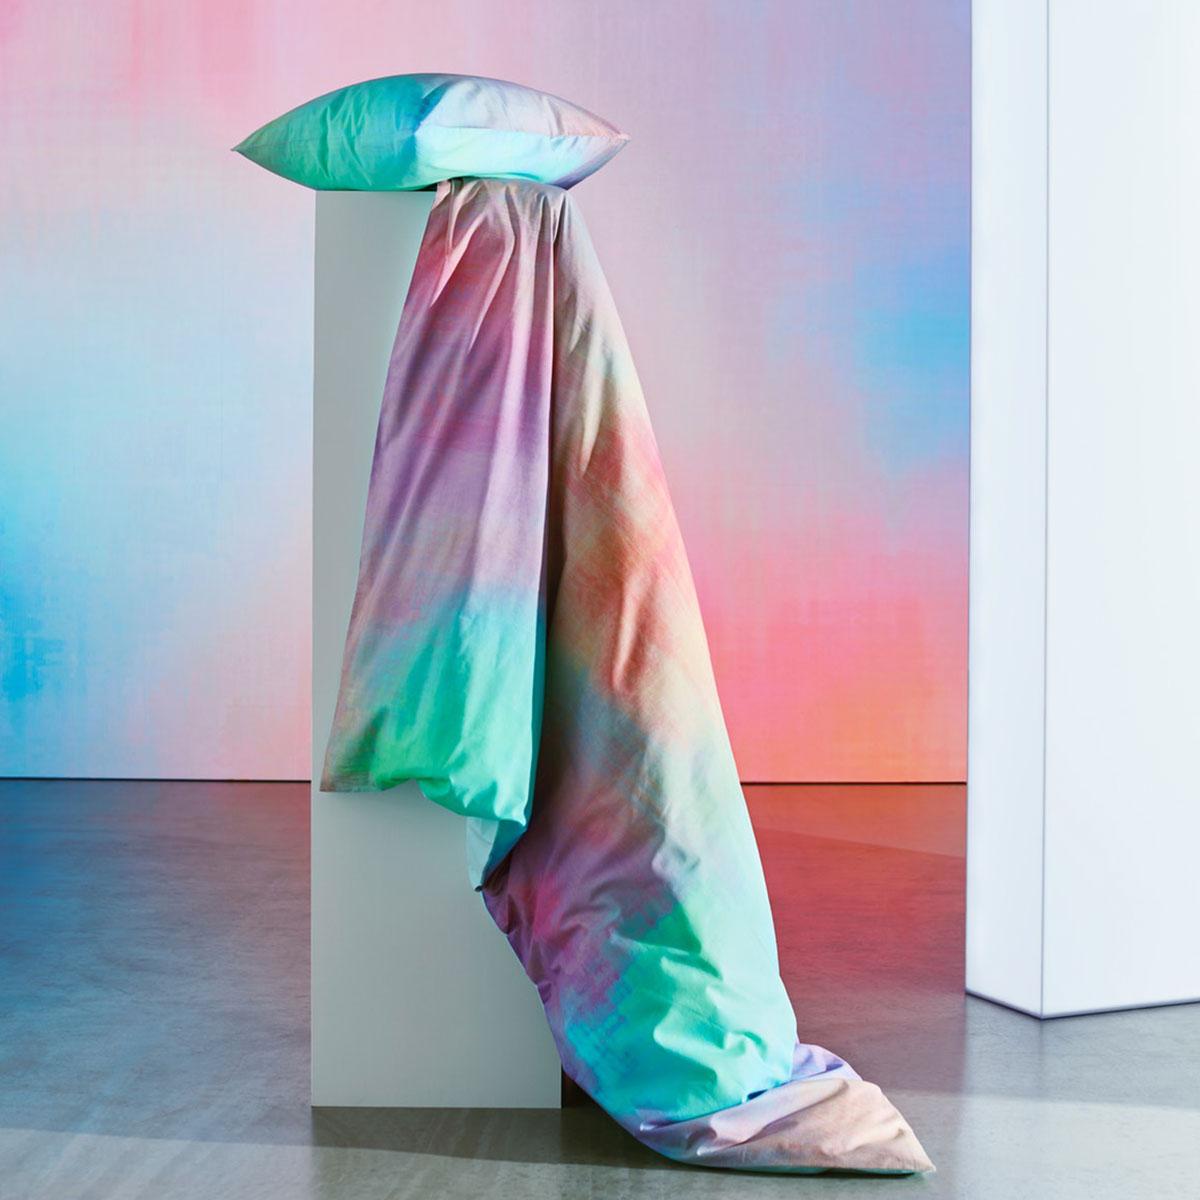 Faire Une Belle Chambre idées d'ameublement pour ta chambre - ikea - ikea suisse